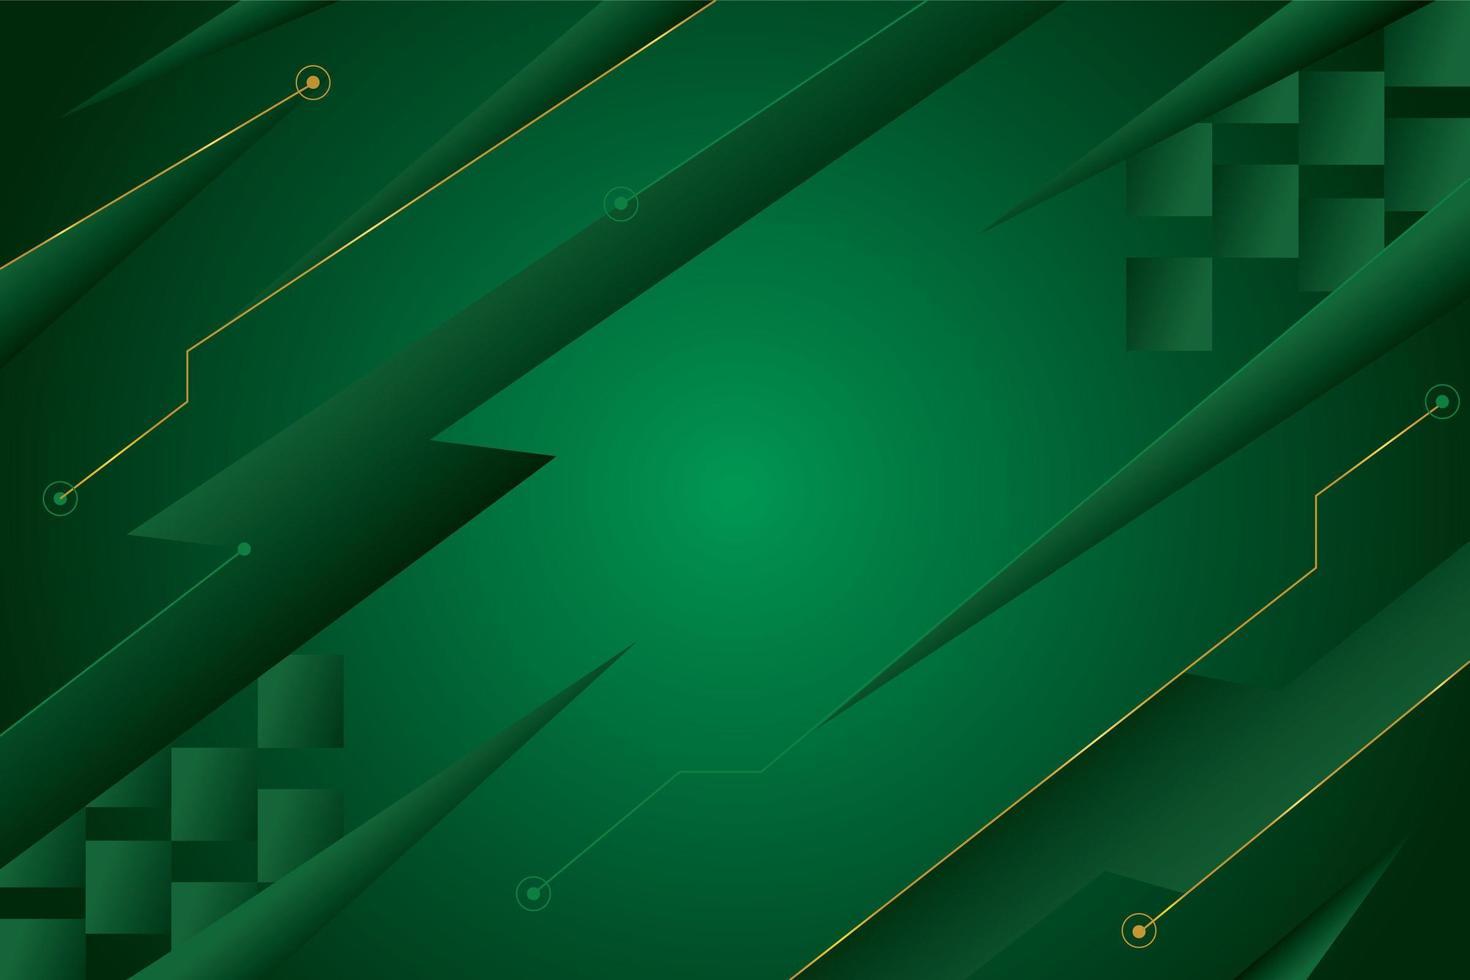 grön bakgrund med sicksackeffekt vektor